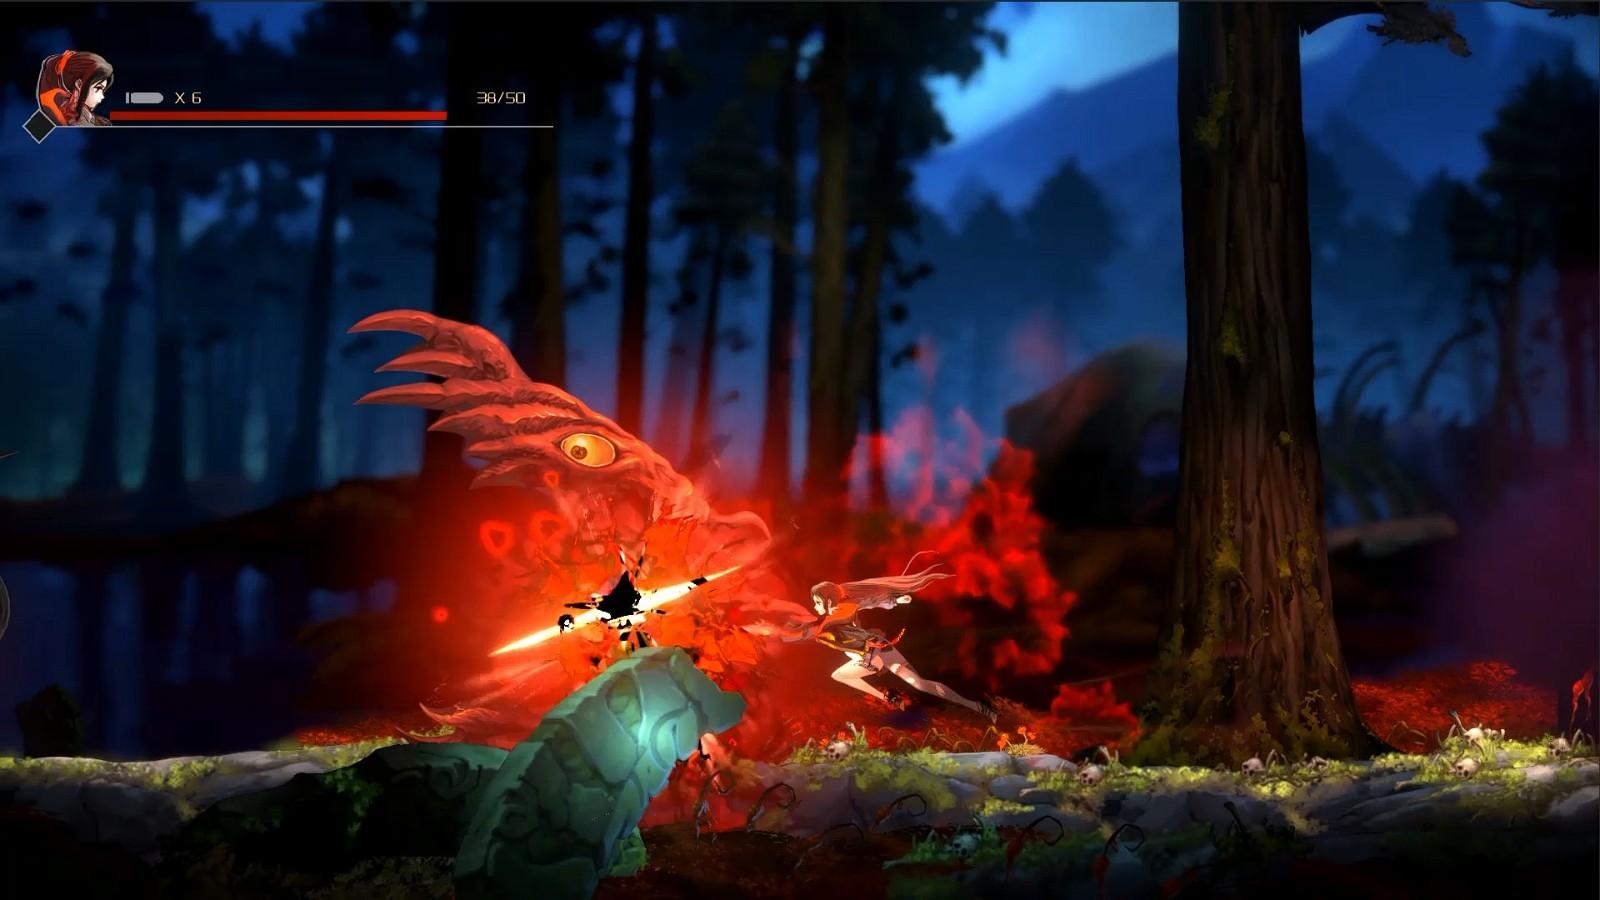 国产游戏《觉醒:异刃》新预告 无畏少女除魔之旅